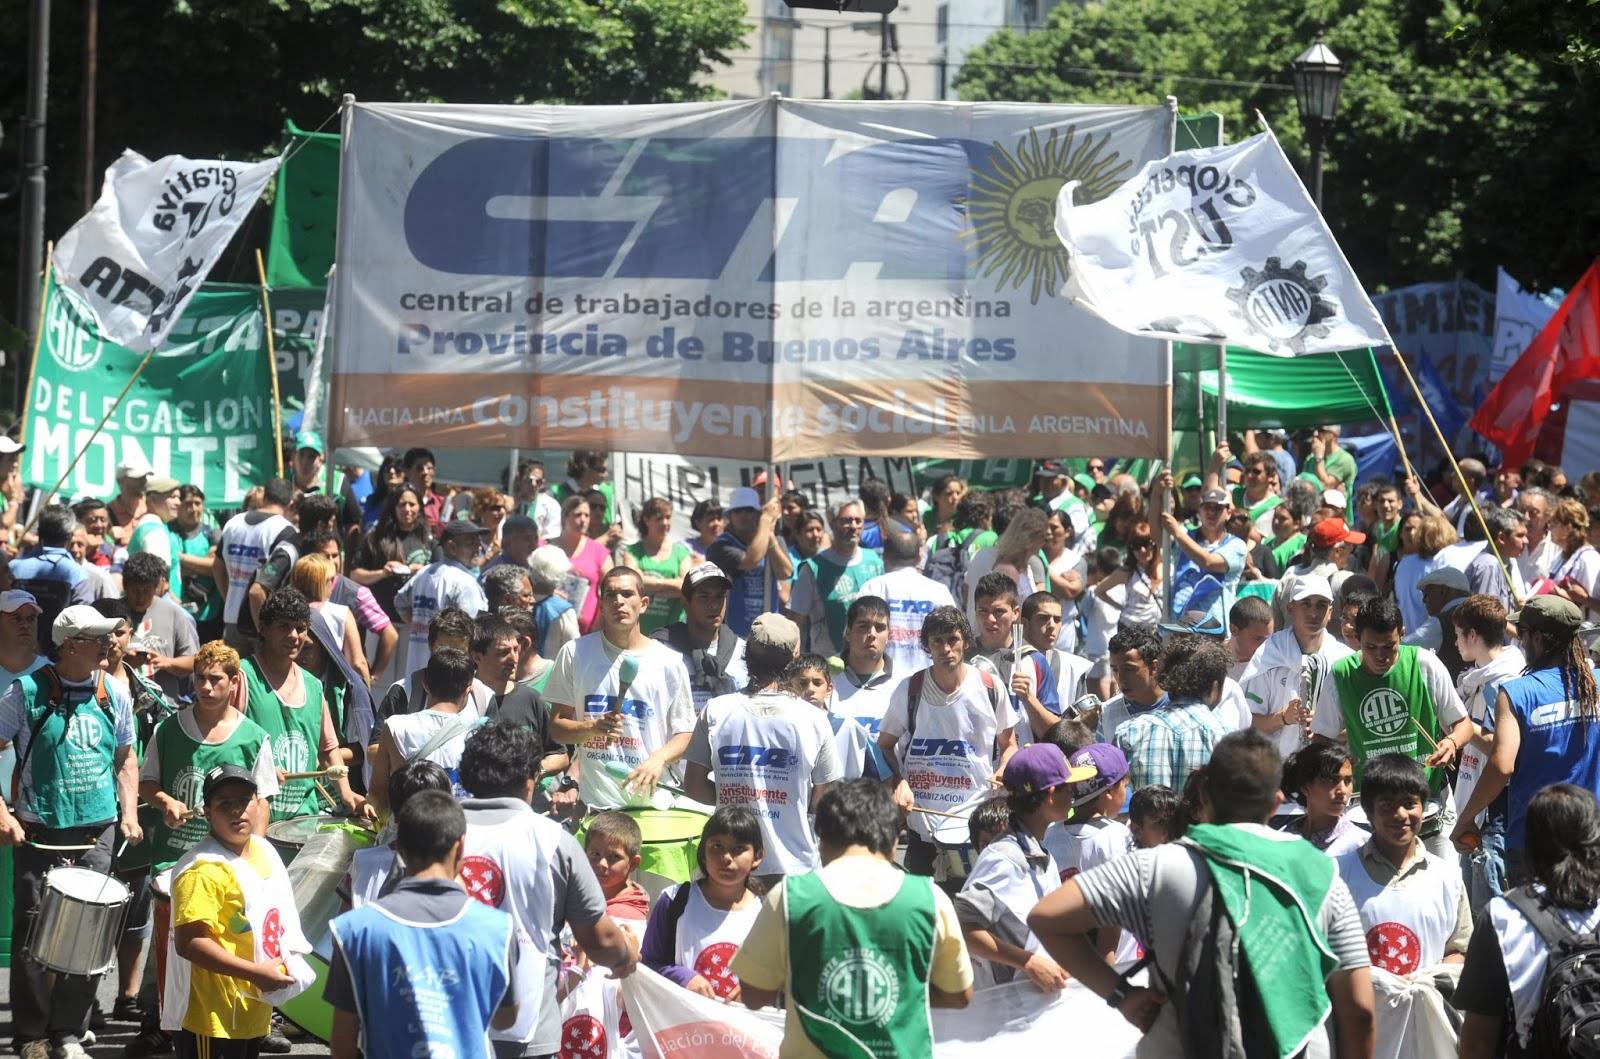 Jornada de lucha de la CTA Bonaerense